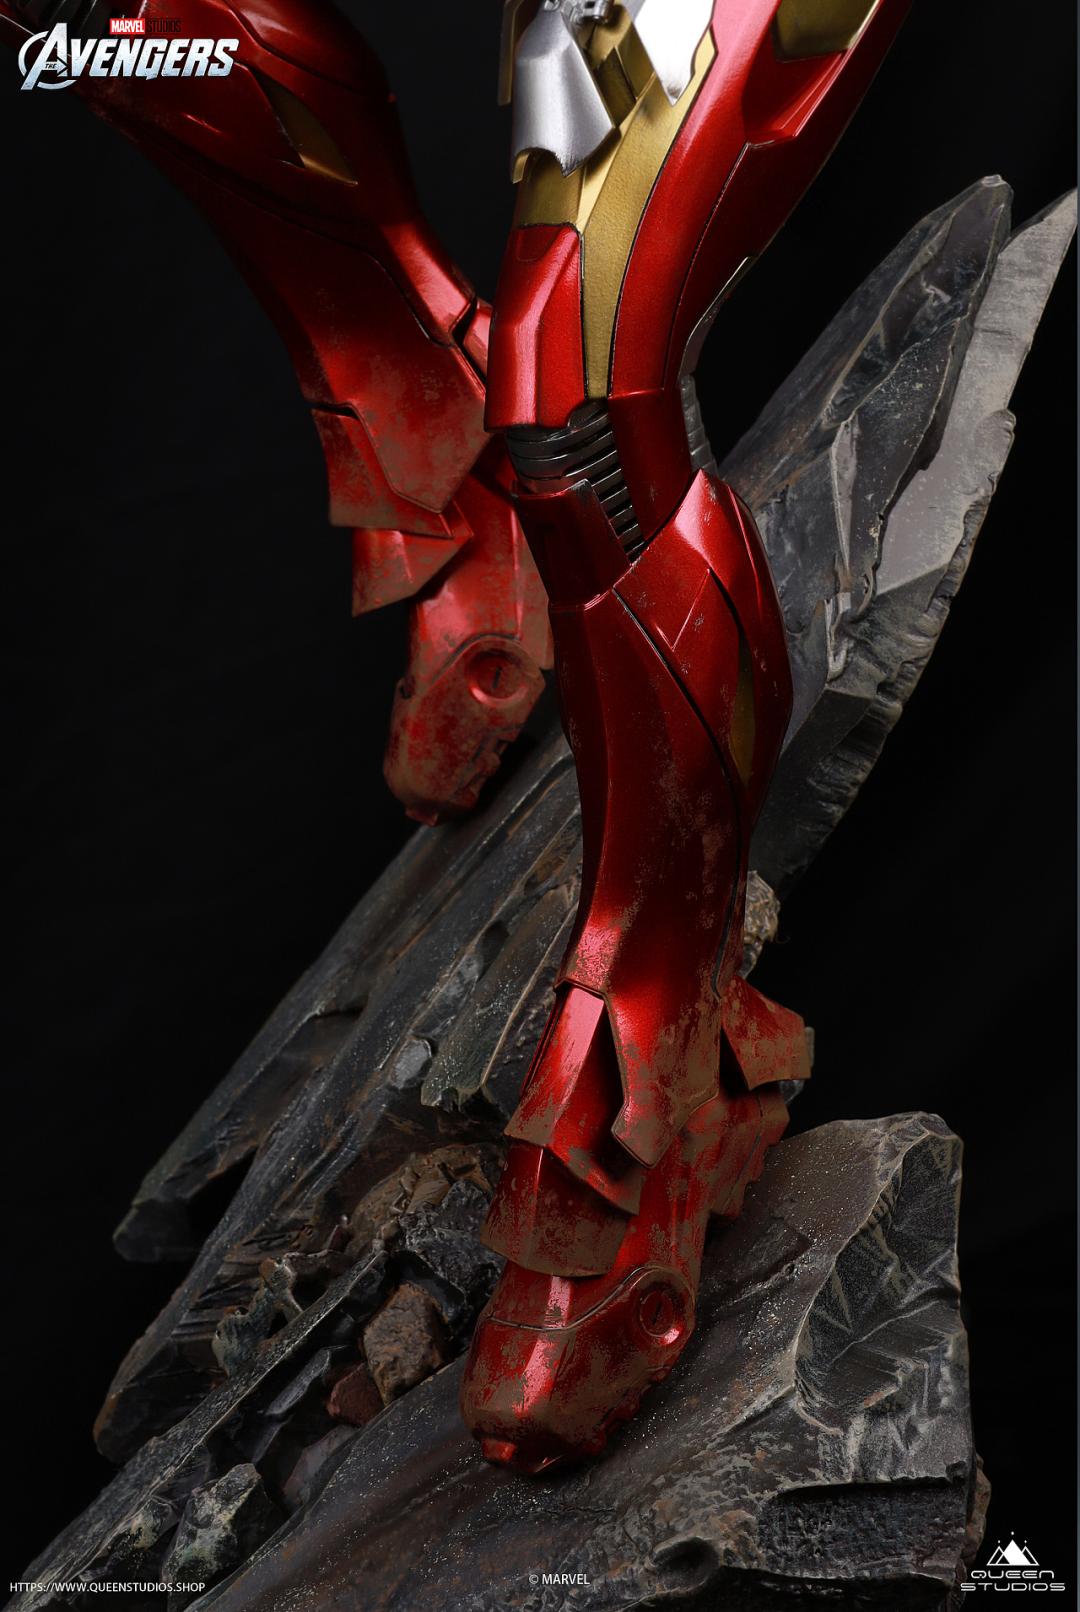 这款钢铁侠MK7雕像简直帅爆了